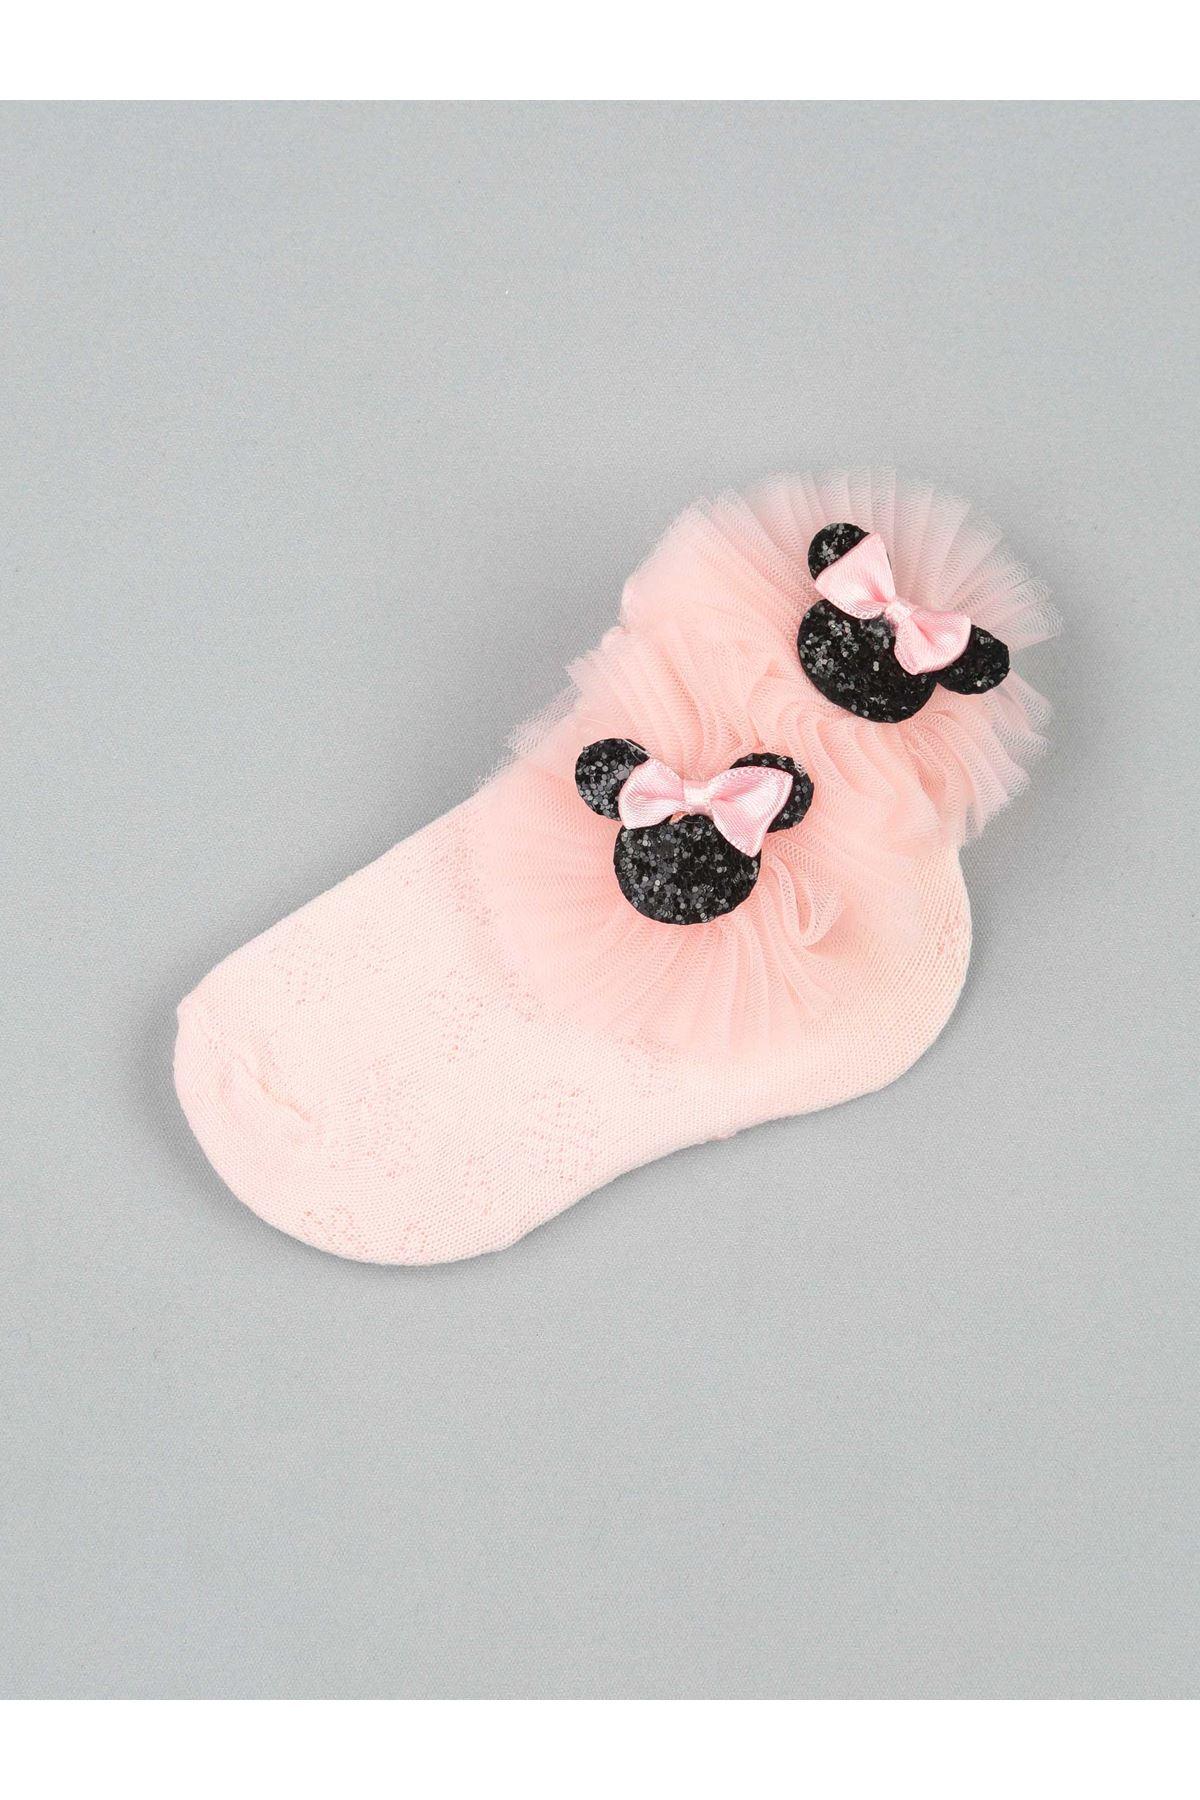 Pembe Fiyonklu Tüllü Kız Çocuk Çorap